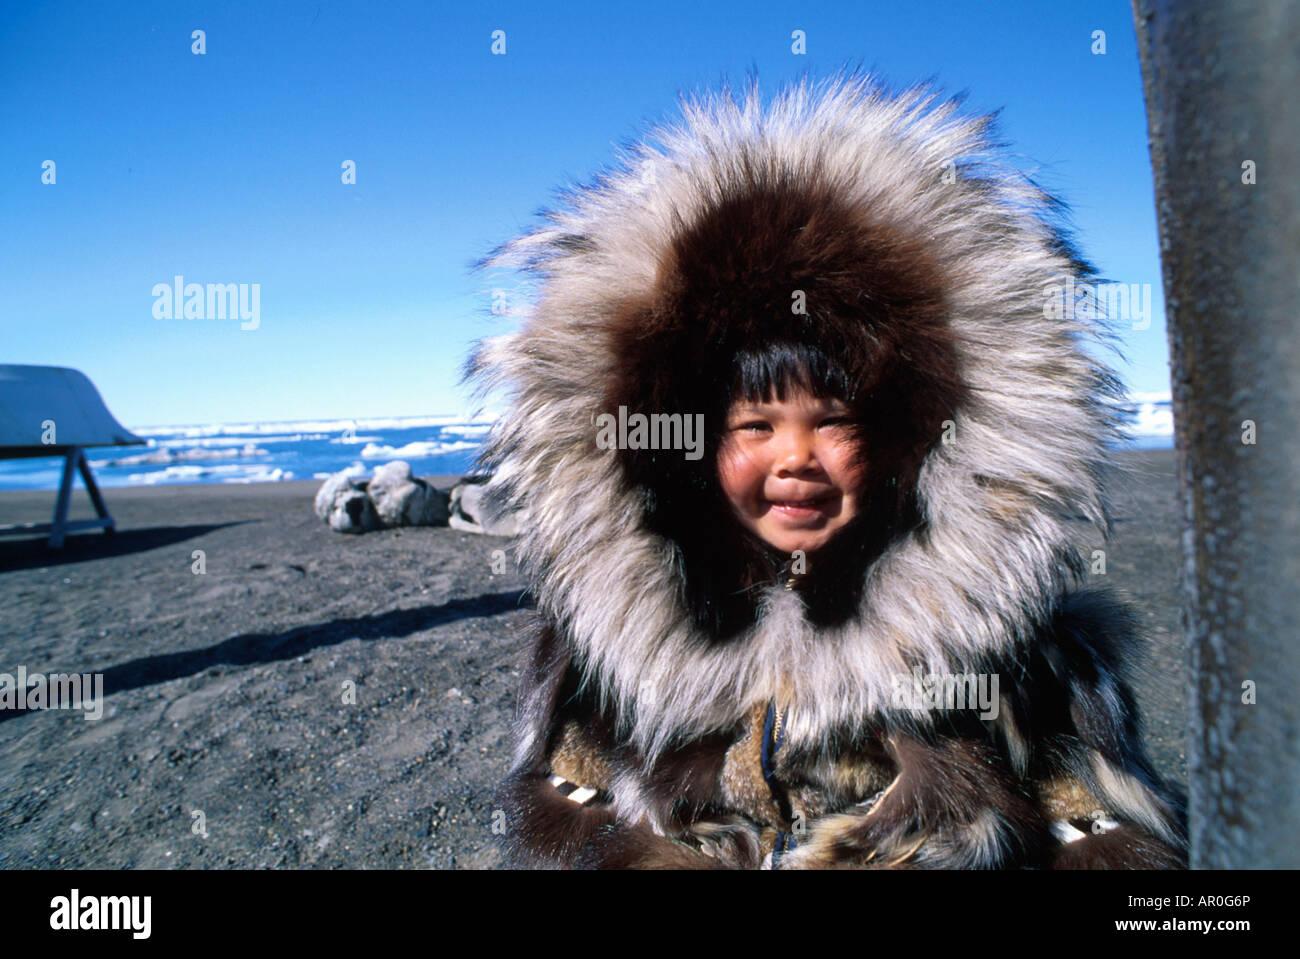 Eskimo in a parka